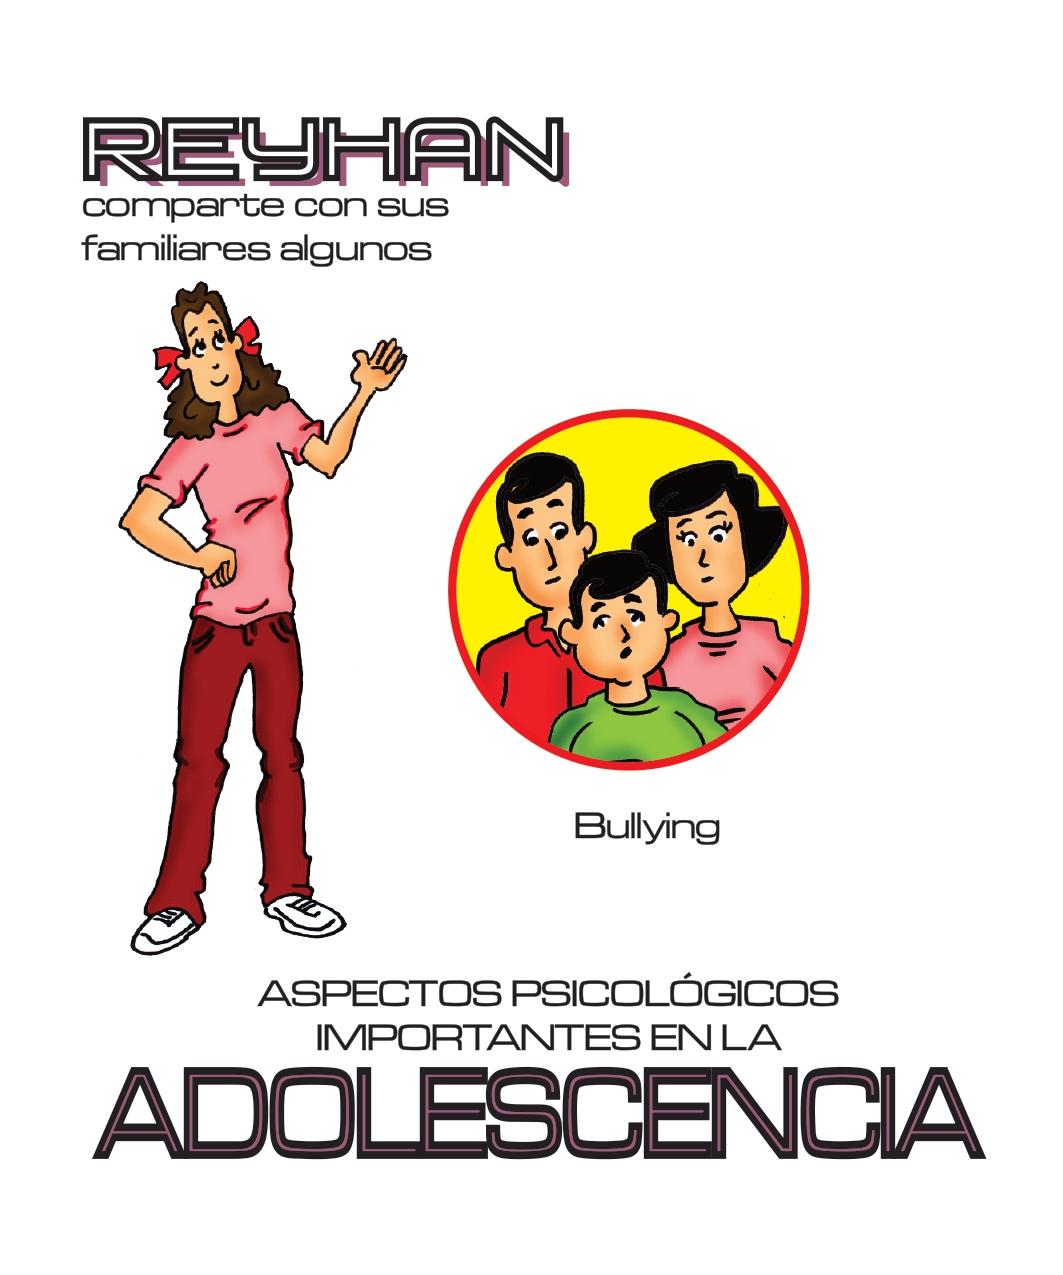 Psicología padres Reyhan cap3 digital_page-0004